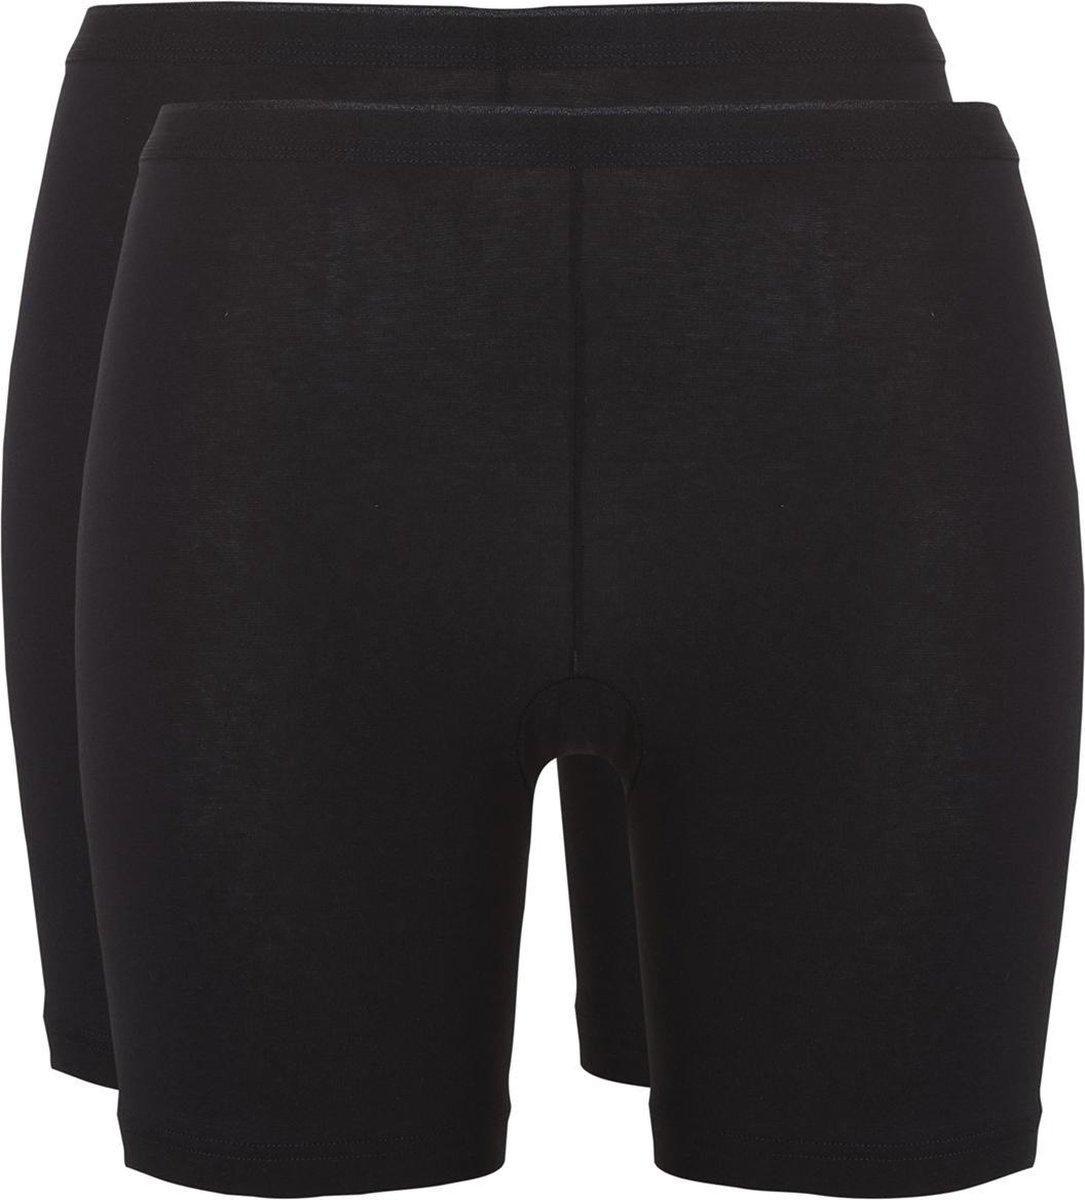 Ten Cate dames 2Pack Pants 30196 zwart-XL - XL